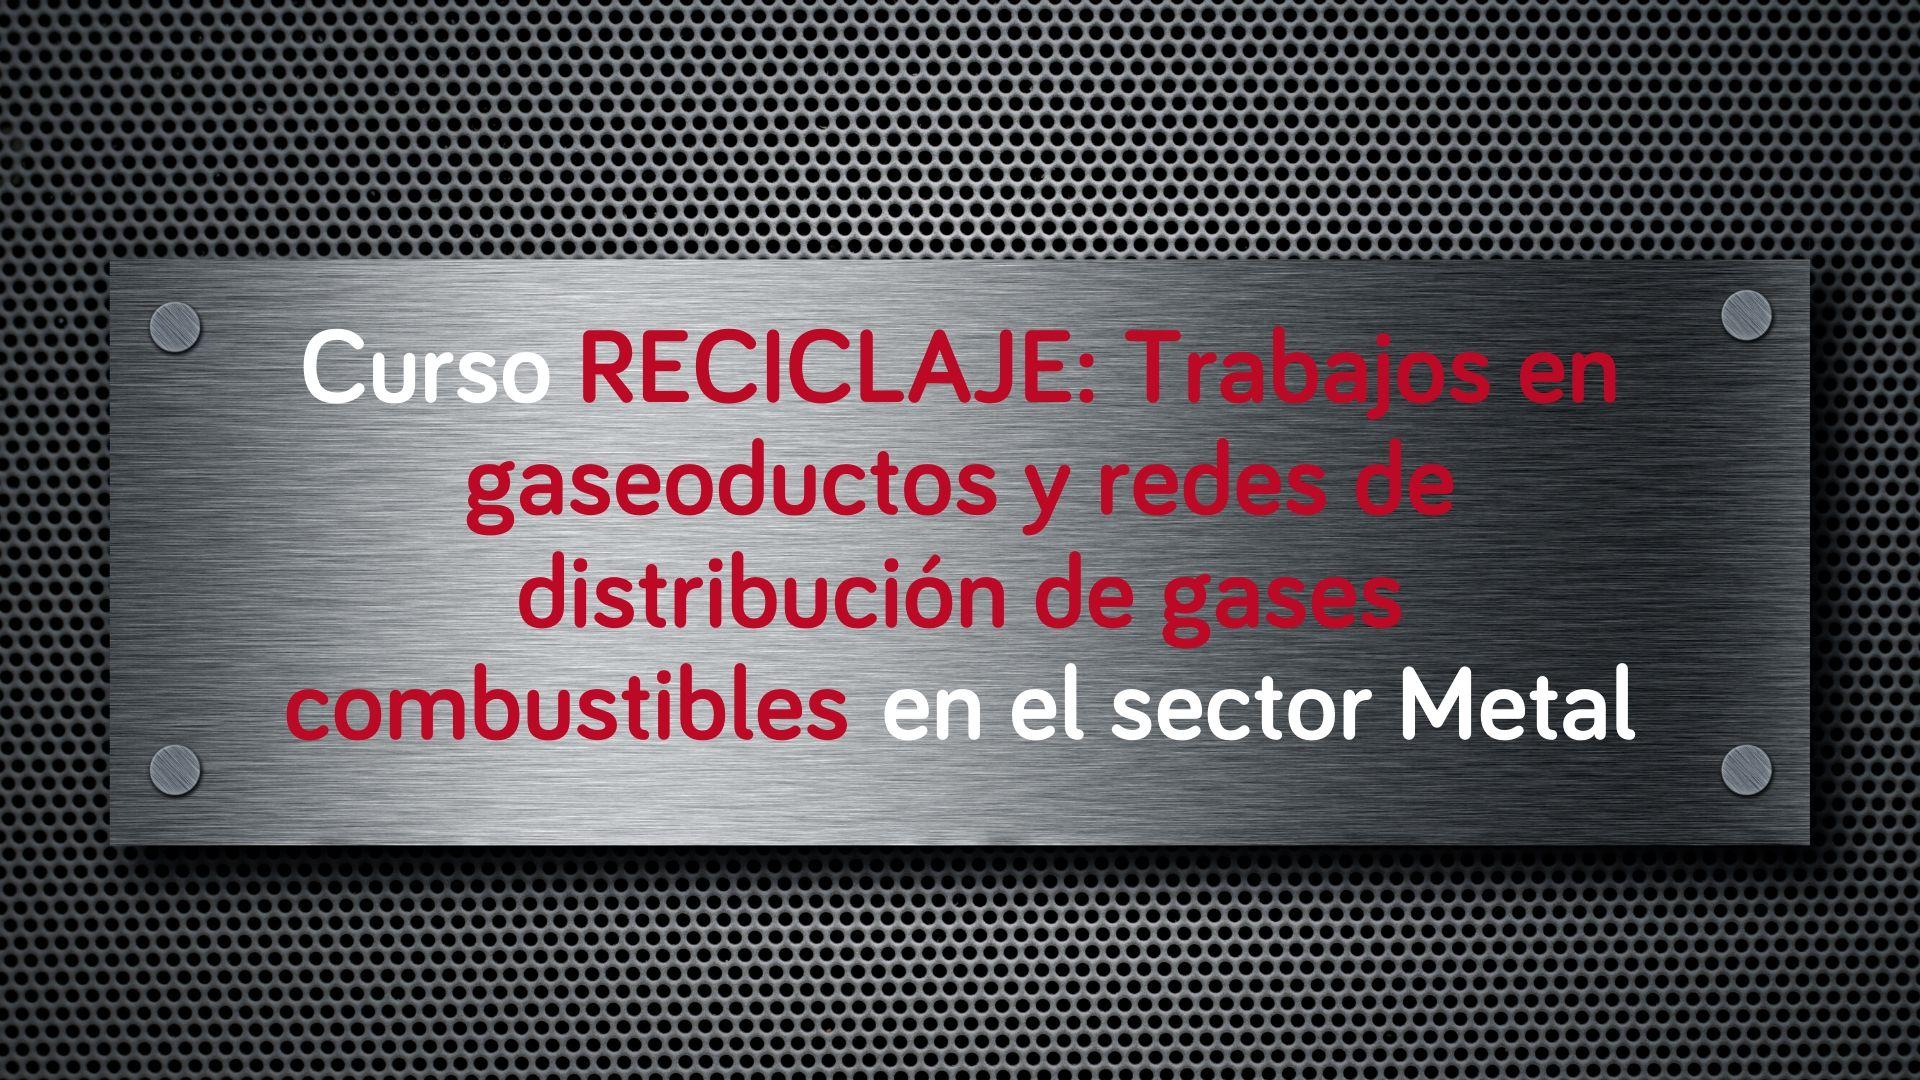 curso-reciclaje-trabajos-gaseoductos-redes-distribucion-gases-combustibles